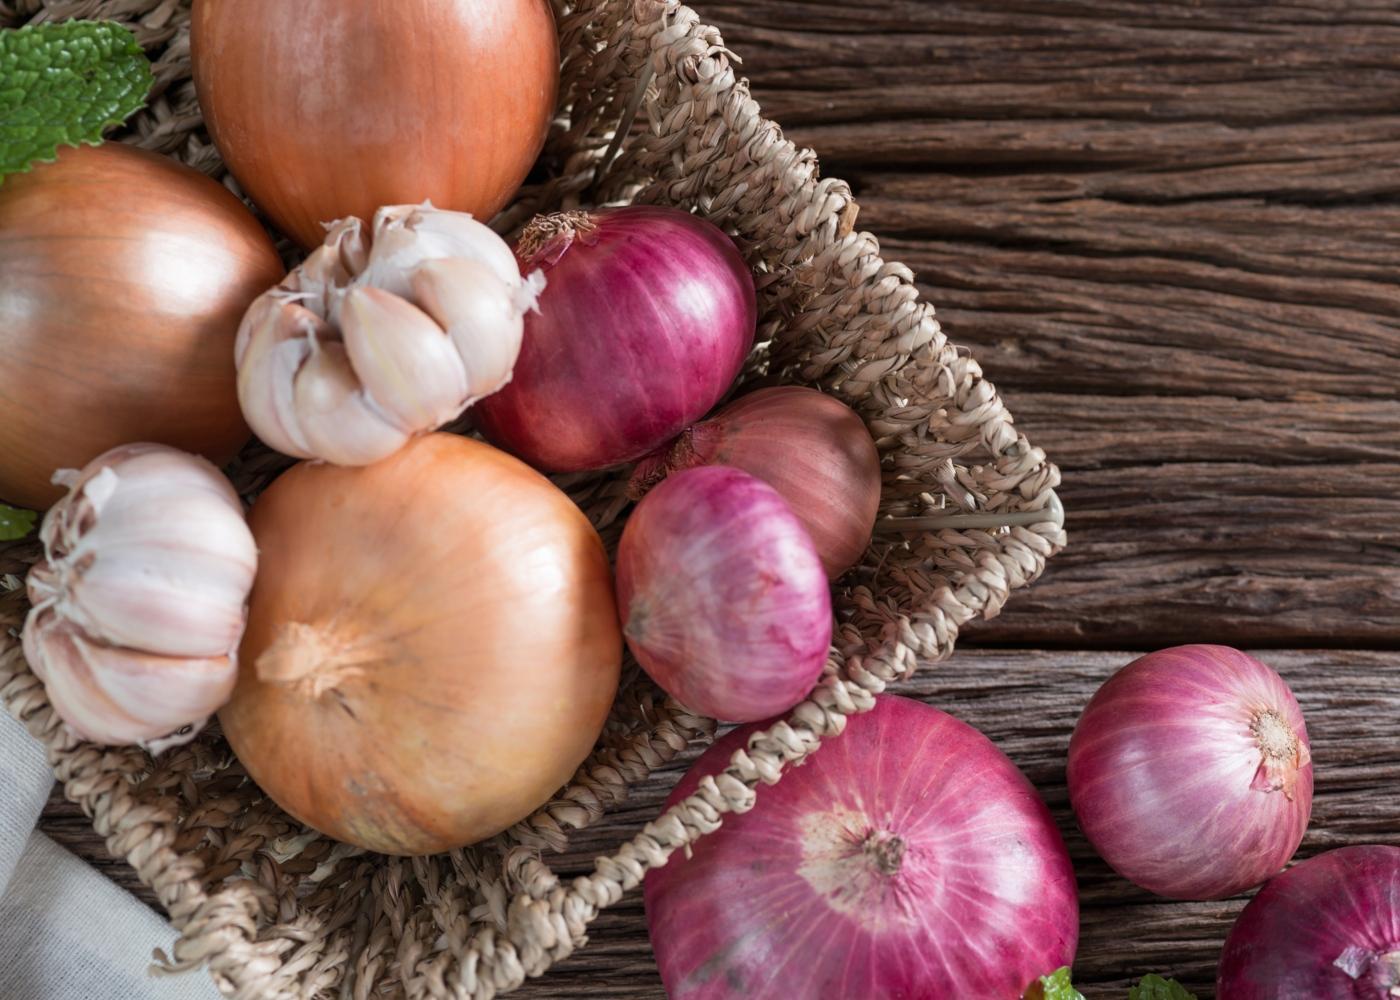 Coisas que não deve guardar no seu frigorífico: alhos e cebolas